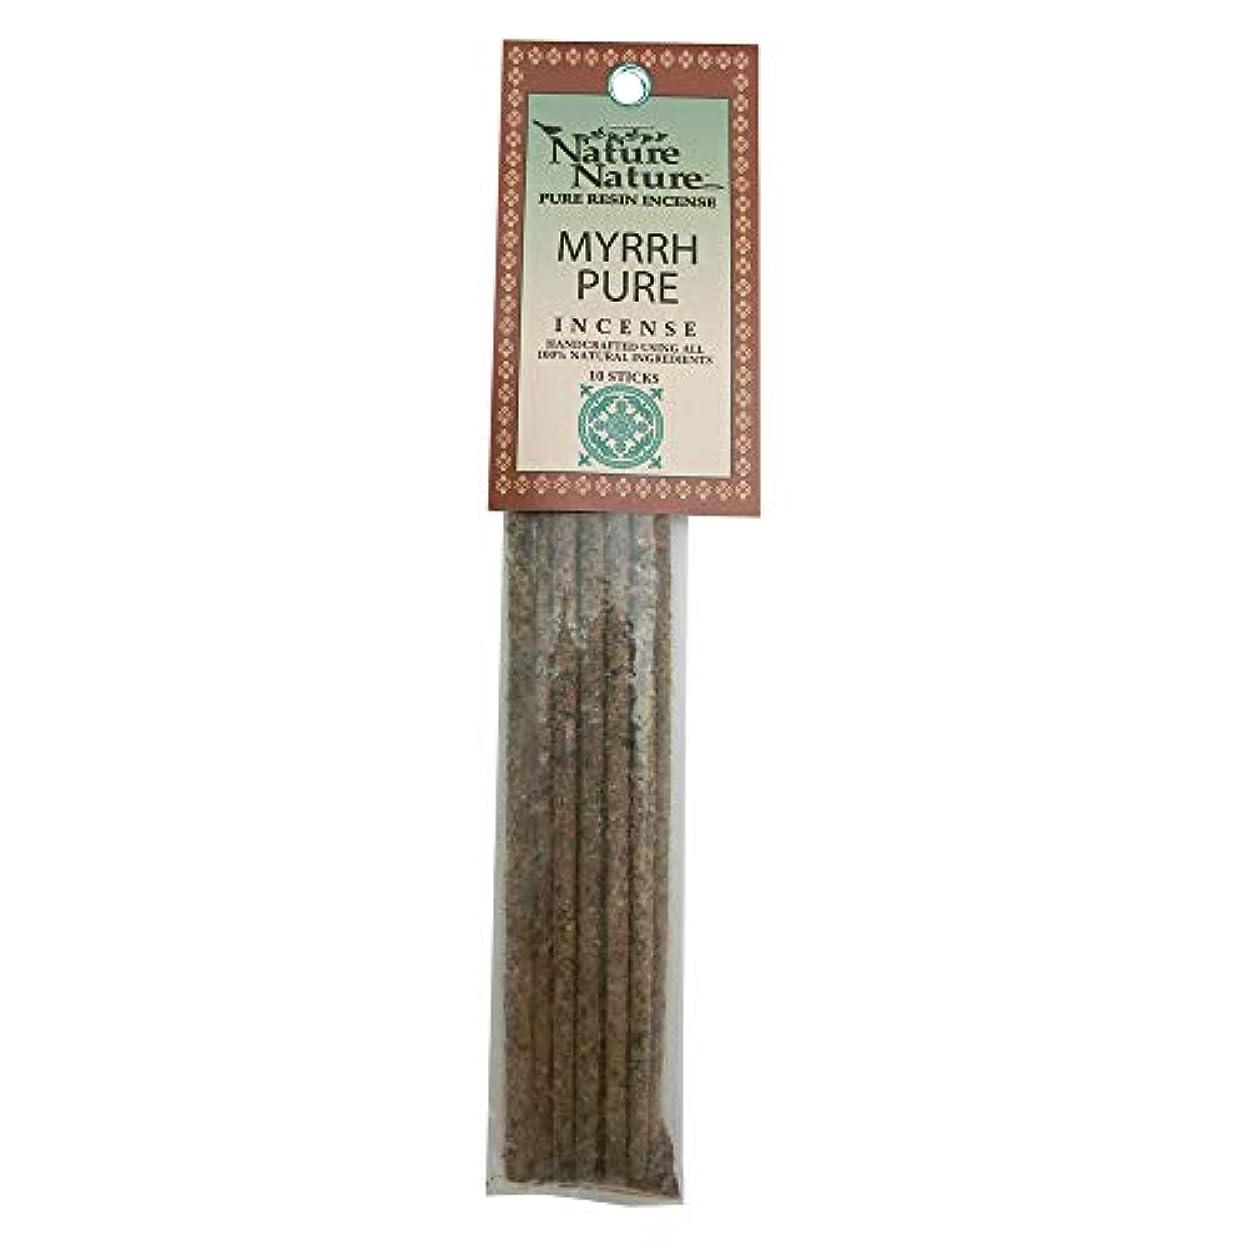 論争的ピストルにやにやNature Nature Pure Resin Myrrh Pure インセンス